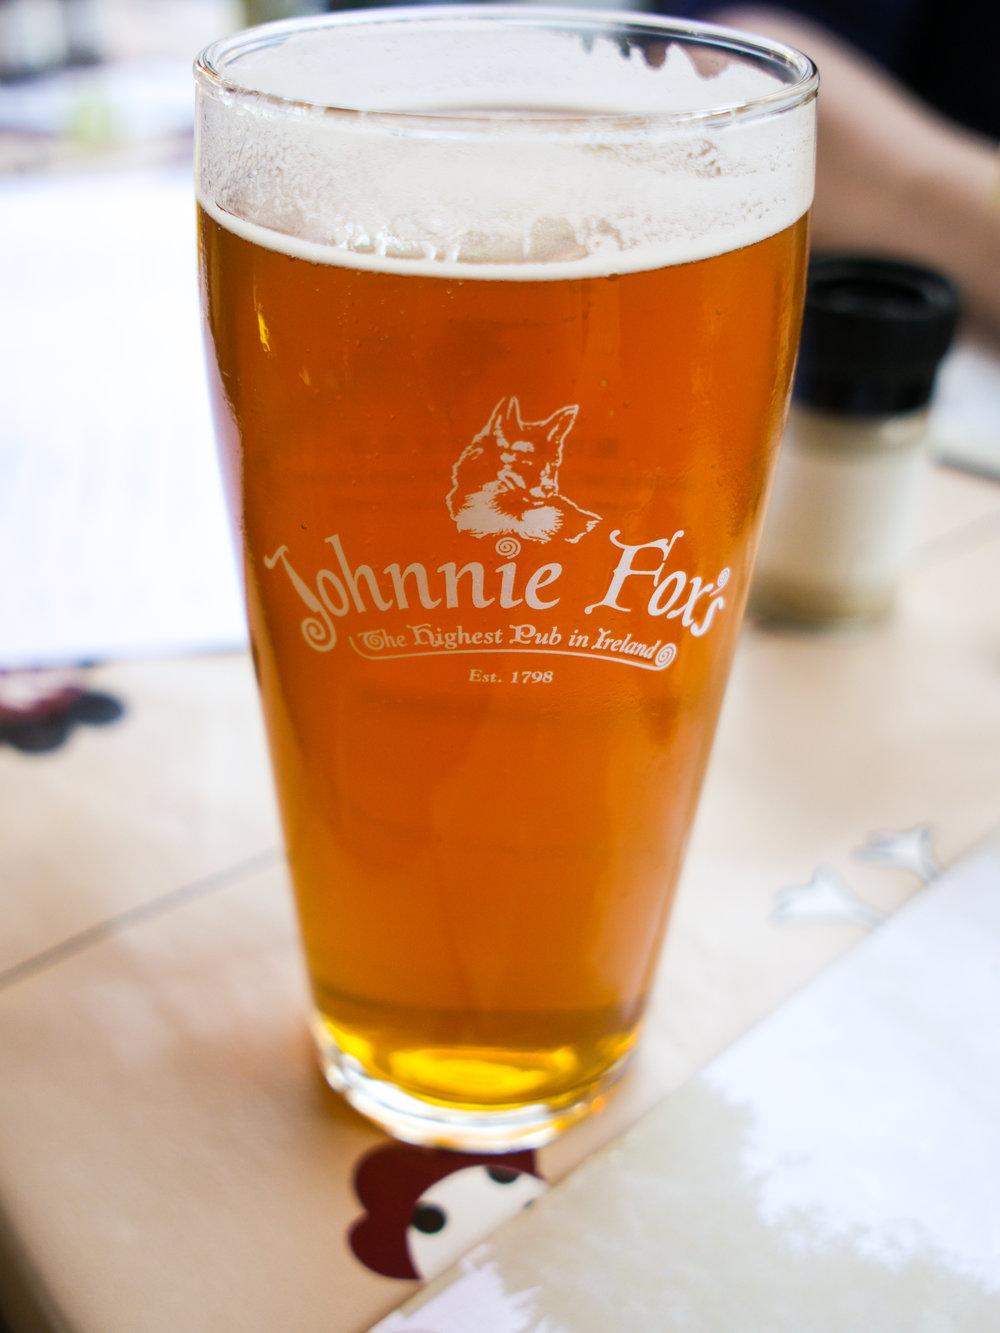 Johnnie Fox's Craft Pale Ale at Johnnie Fox's Pub